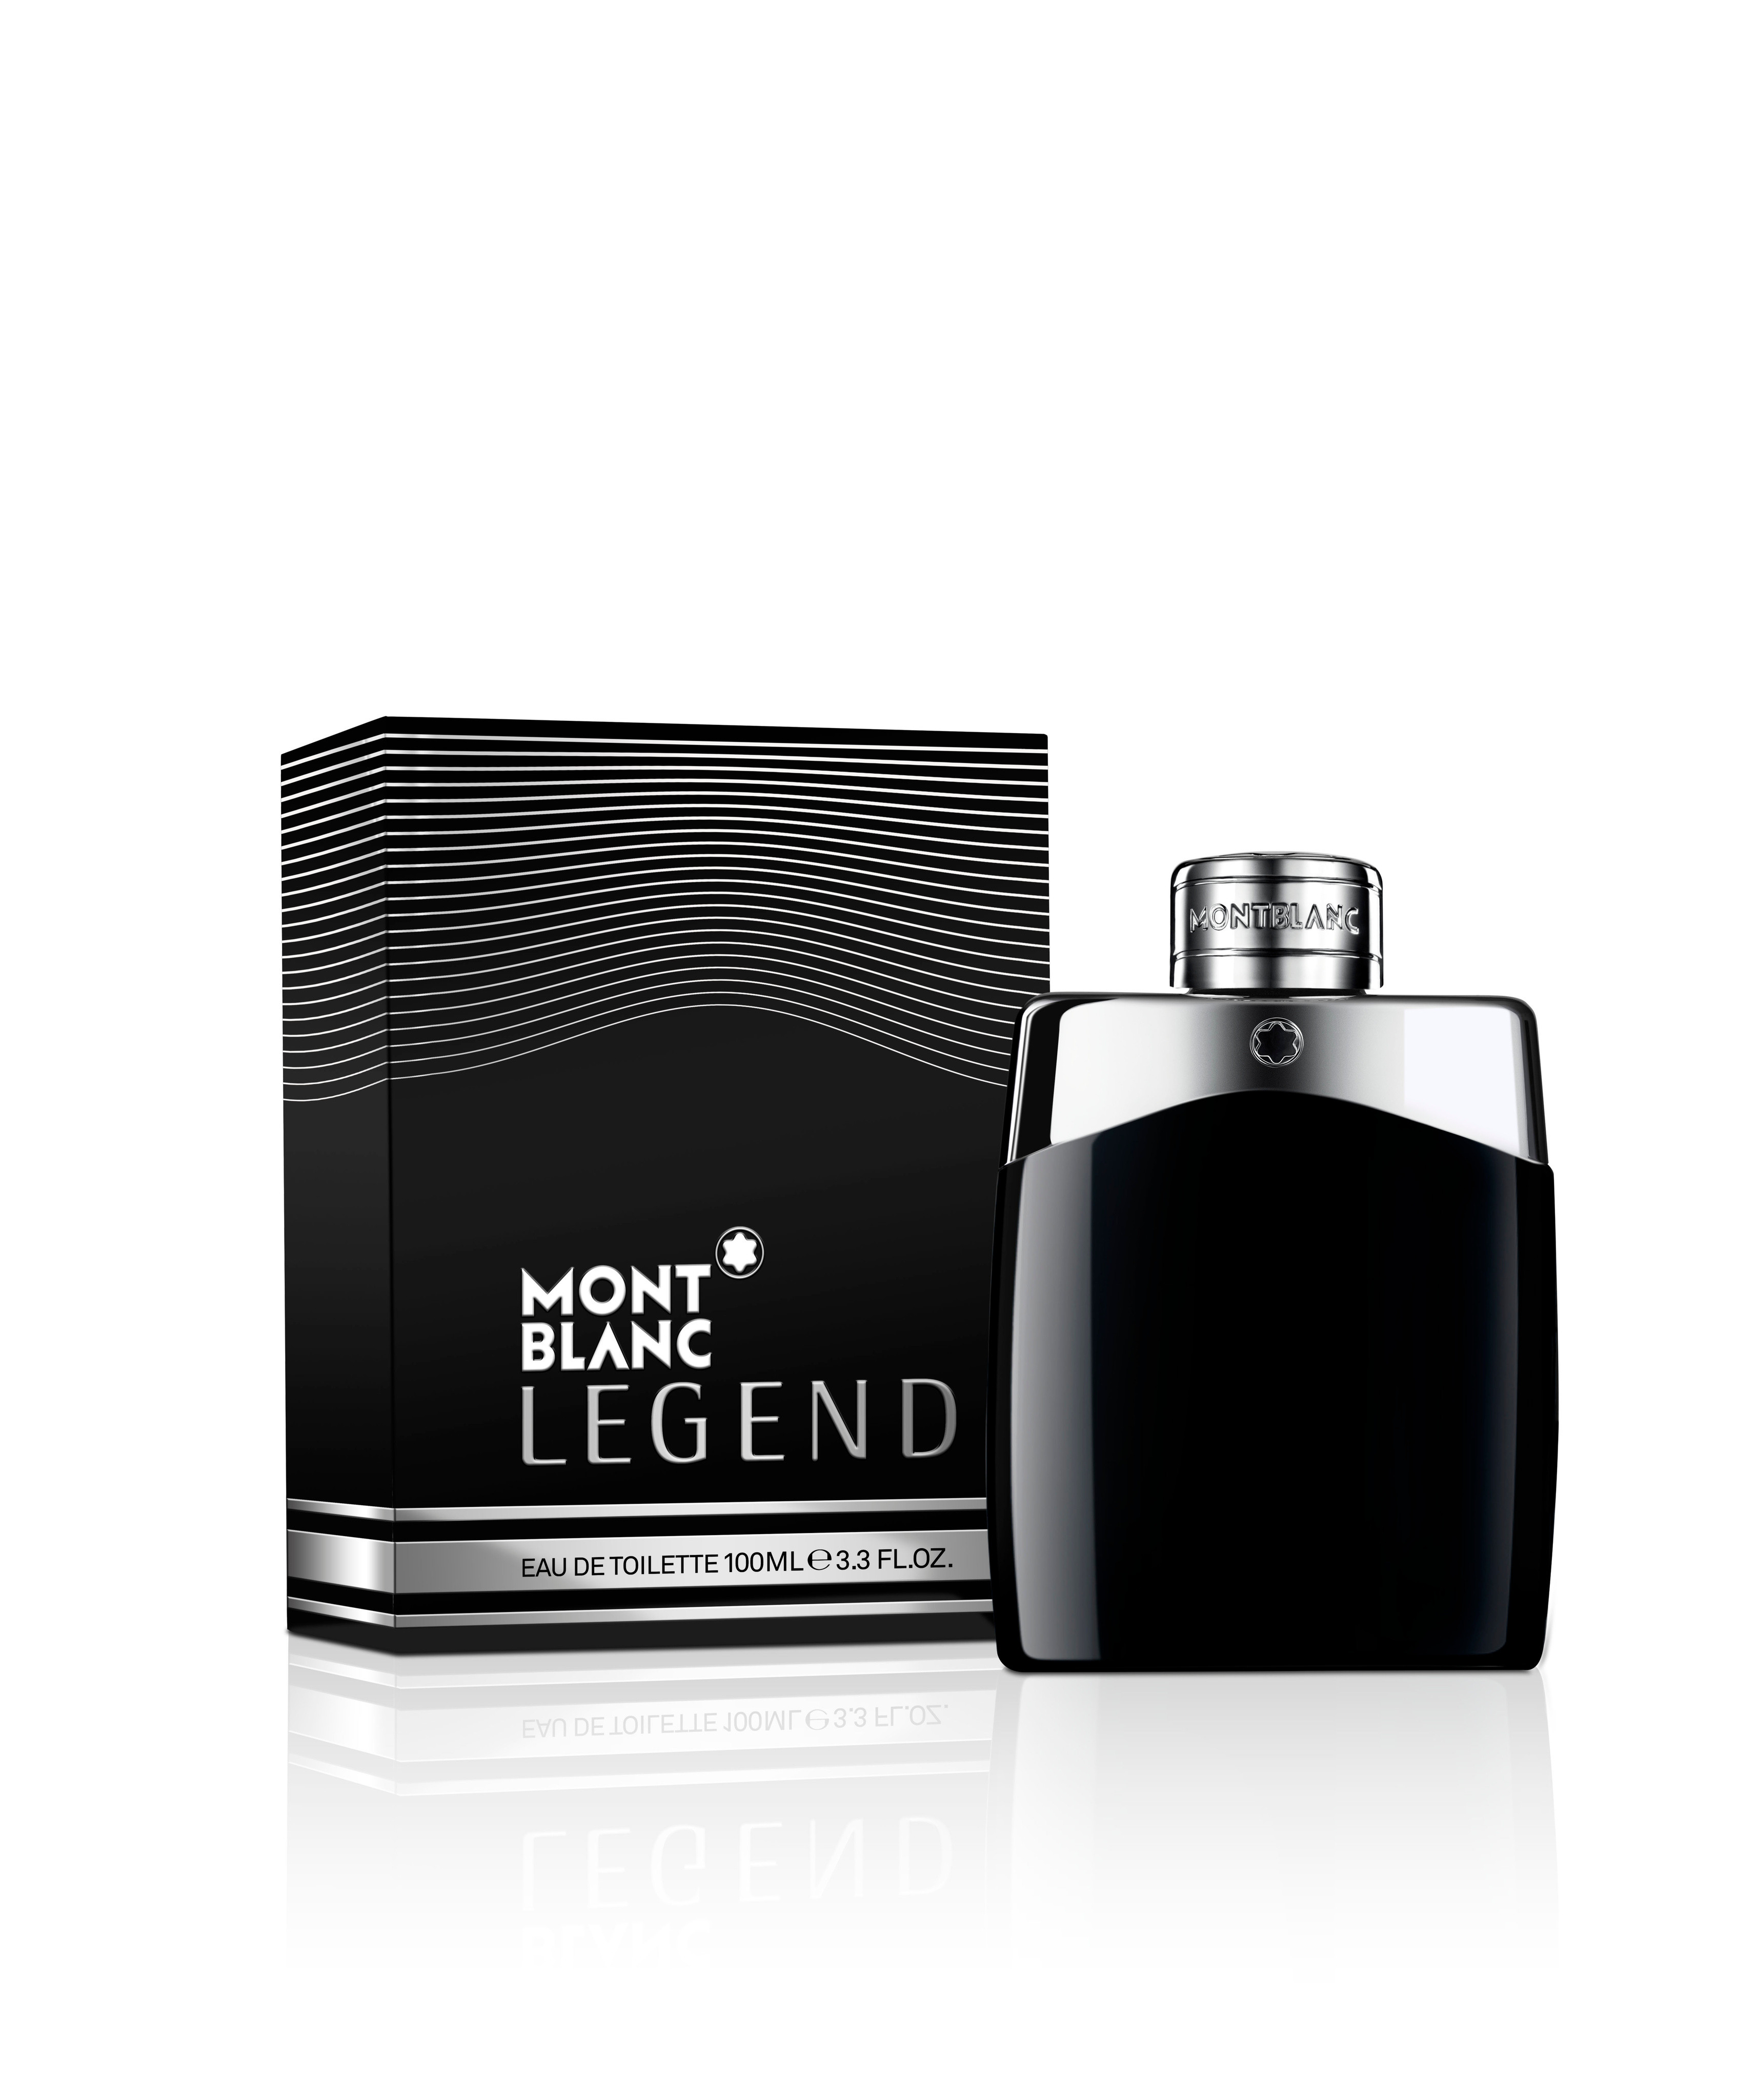 Montblanc Legend Eau de Toilette 100 ml, Nero, large image number 1